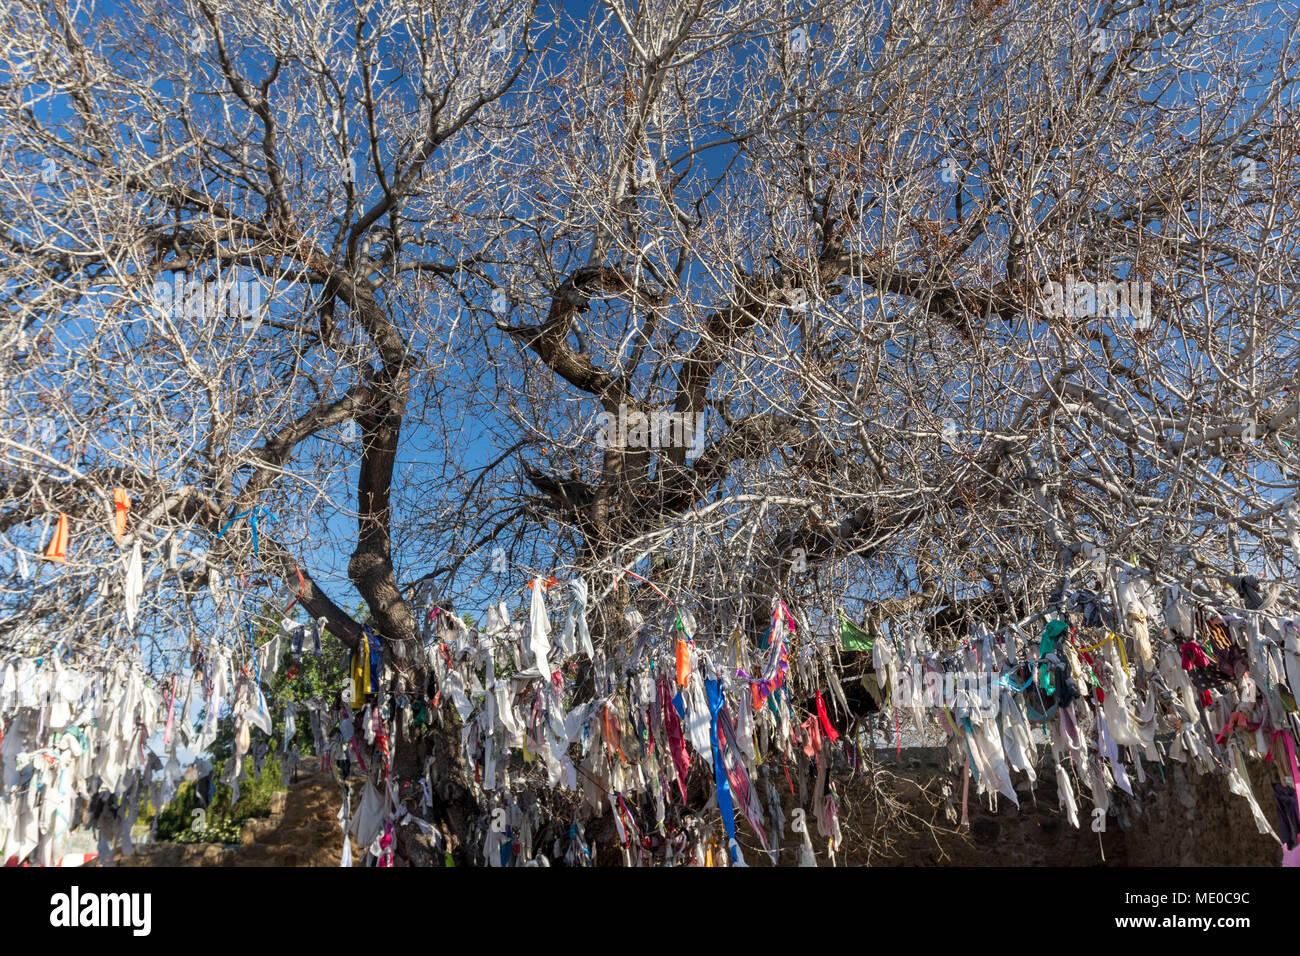 Agia Solomoni christliche Katakombe mit Krankheit kurieren farbige Tücher auf der Eiche Baum, Kato Paphos, Paphos, Zypern, Europa Stockbild